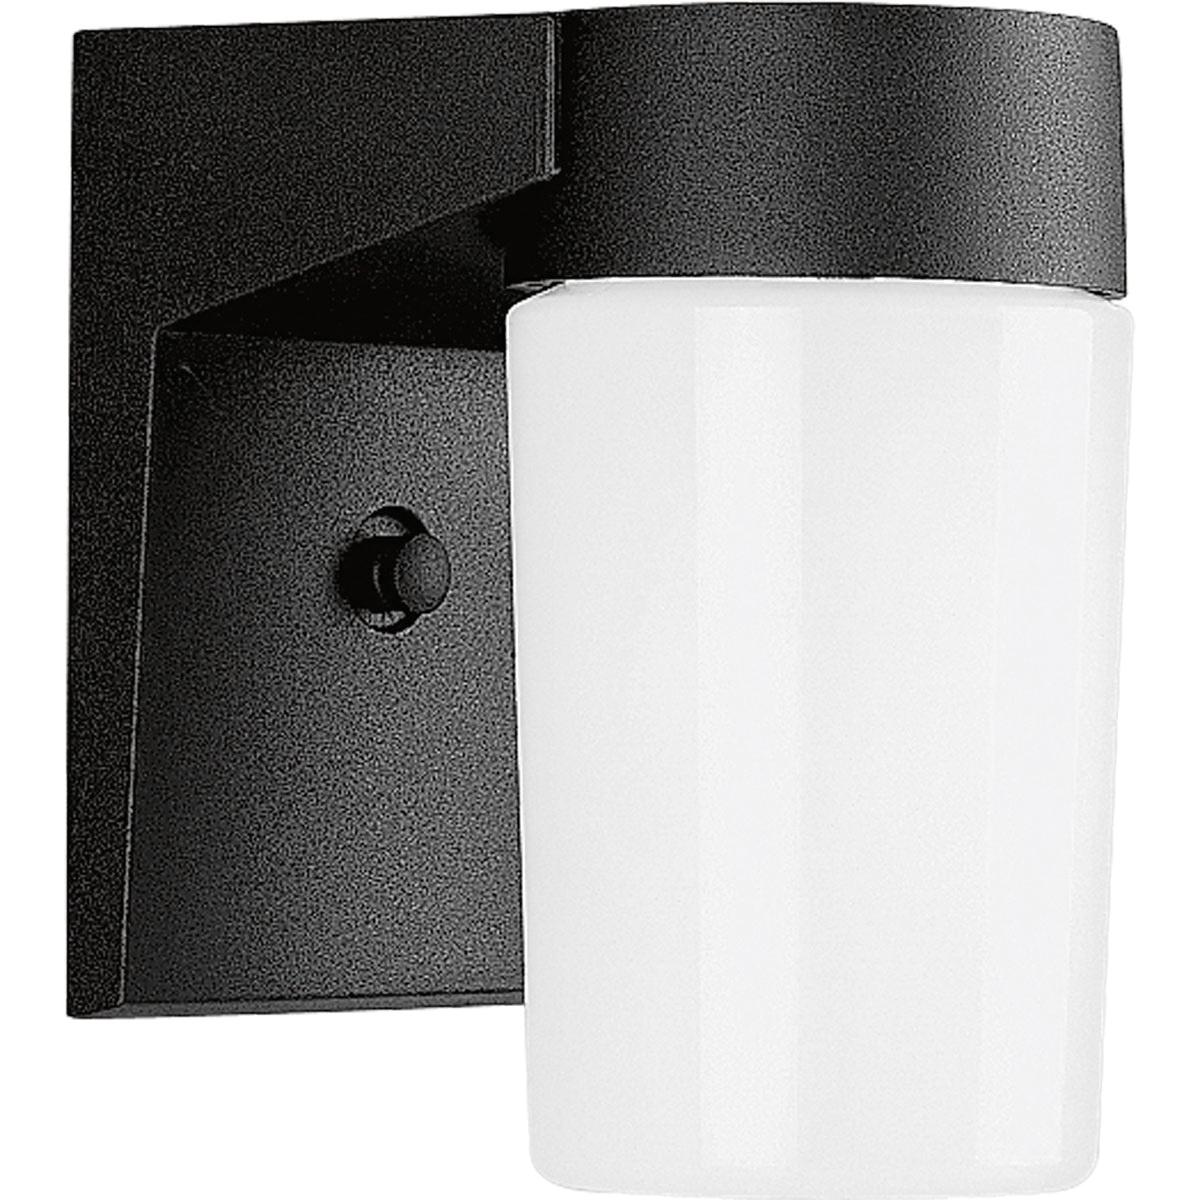 Progress Lighting P5511-31 1-Light Wall Sconce 100 Watt 120 Volt Black Powder Coated